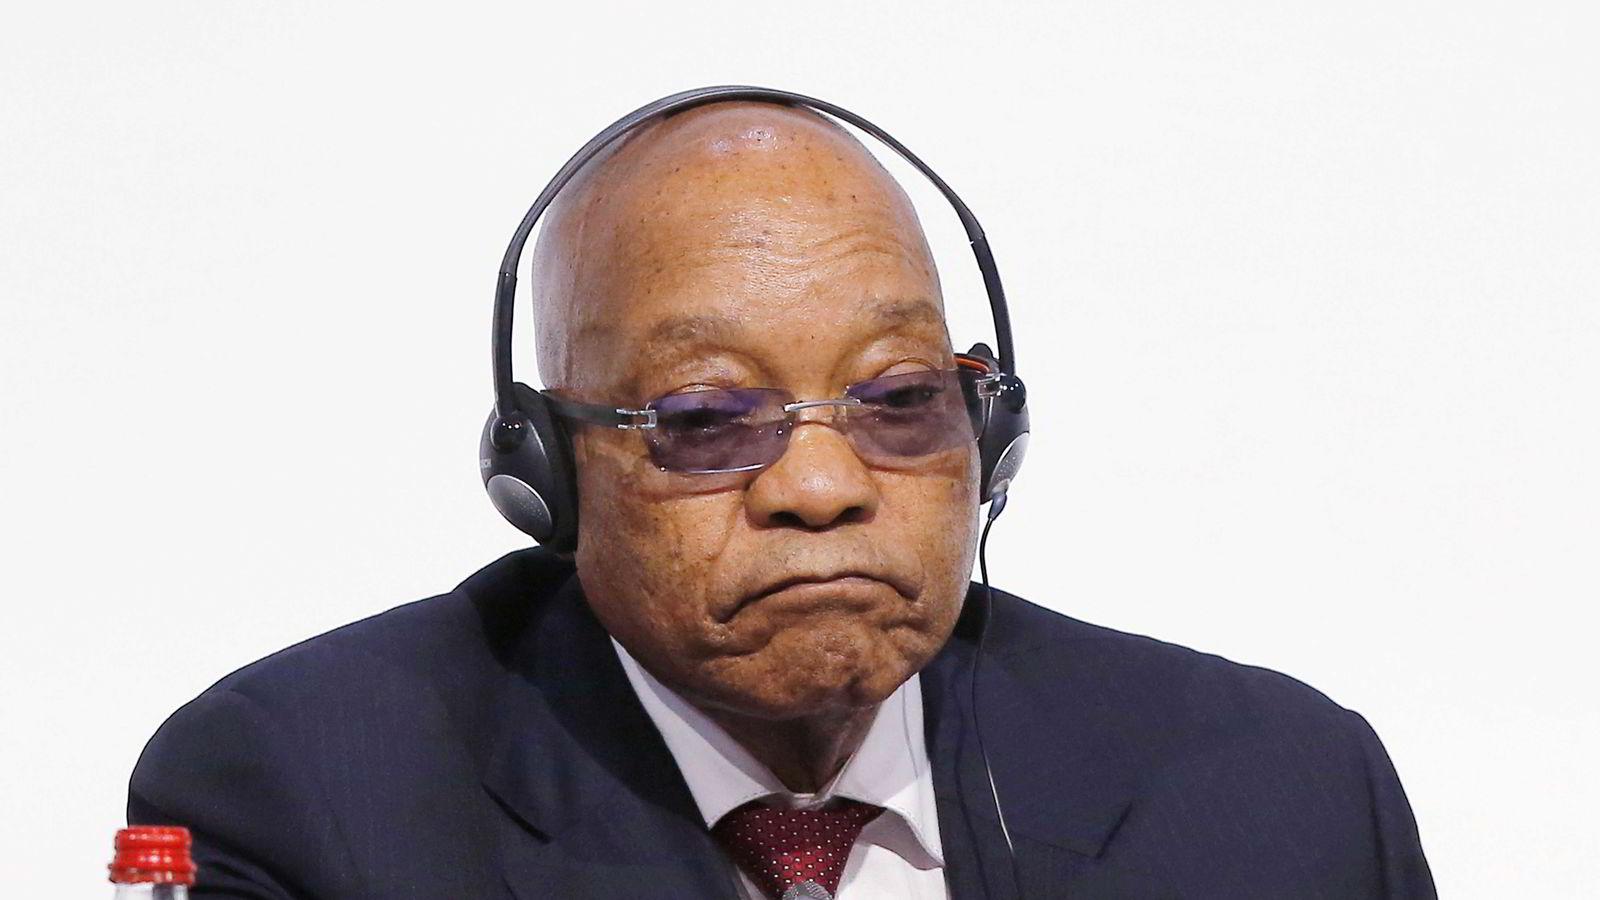 Sør-Afrikas president Jacob Zuma. (AP Photo/Michel Euler-File)